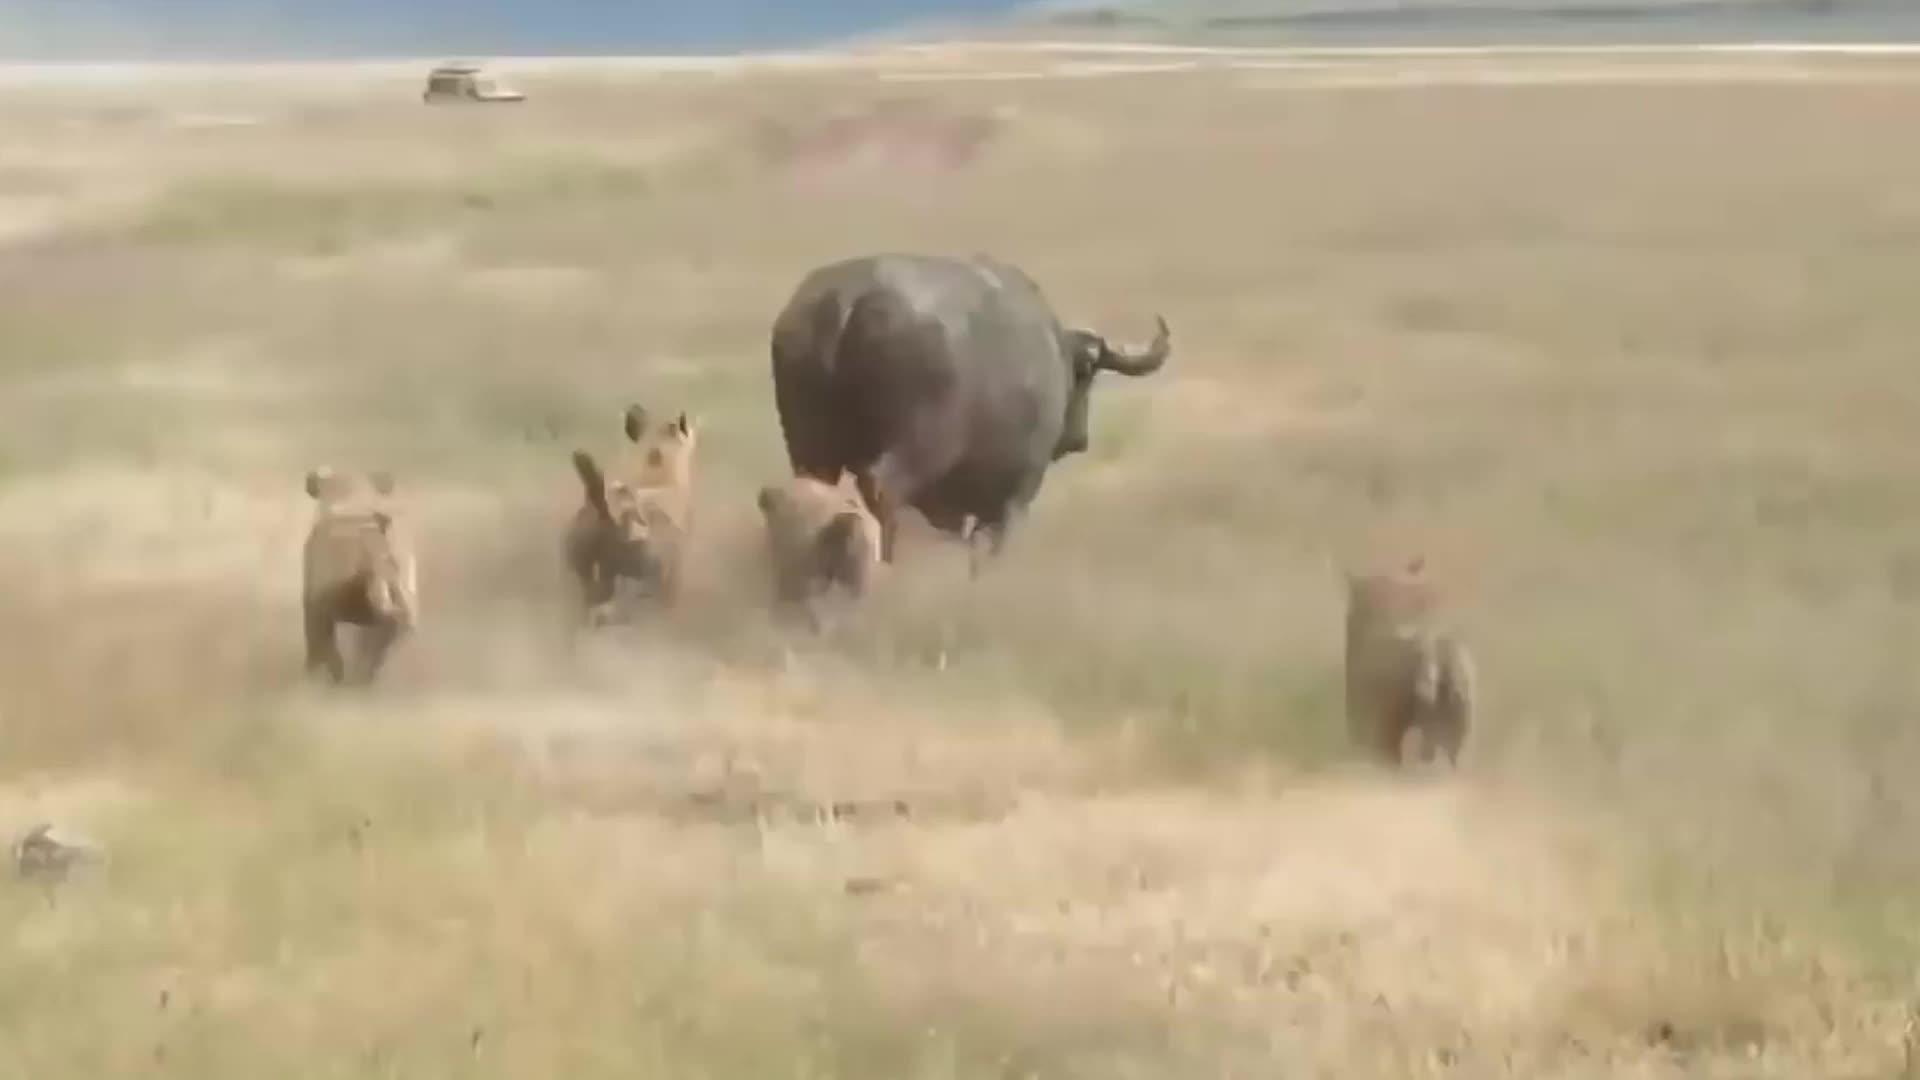 鬣狗想掏肛犀牛,怎料犀牛却一点不怕,鬣狗:不锈肛,快跑!